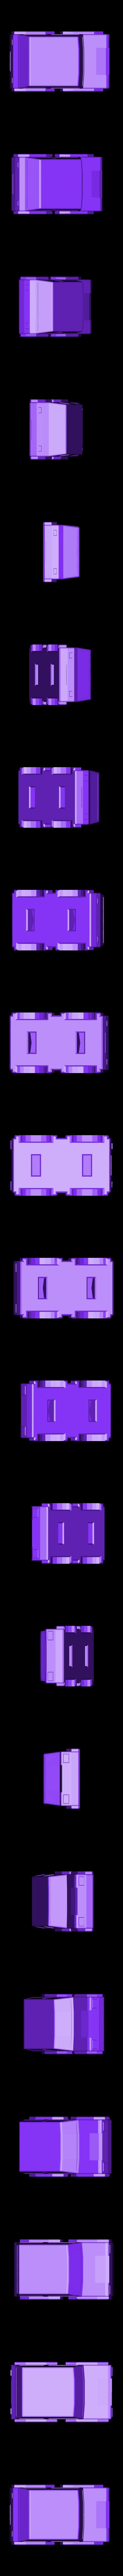 SmallToys-BodyCar1.stl Download STL file SmallToys - Starter Pack • 3D printer model, Wabby